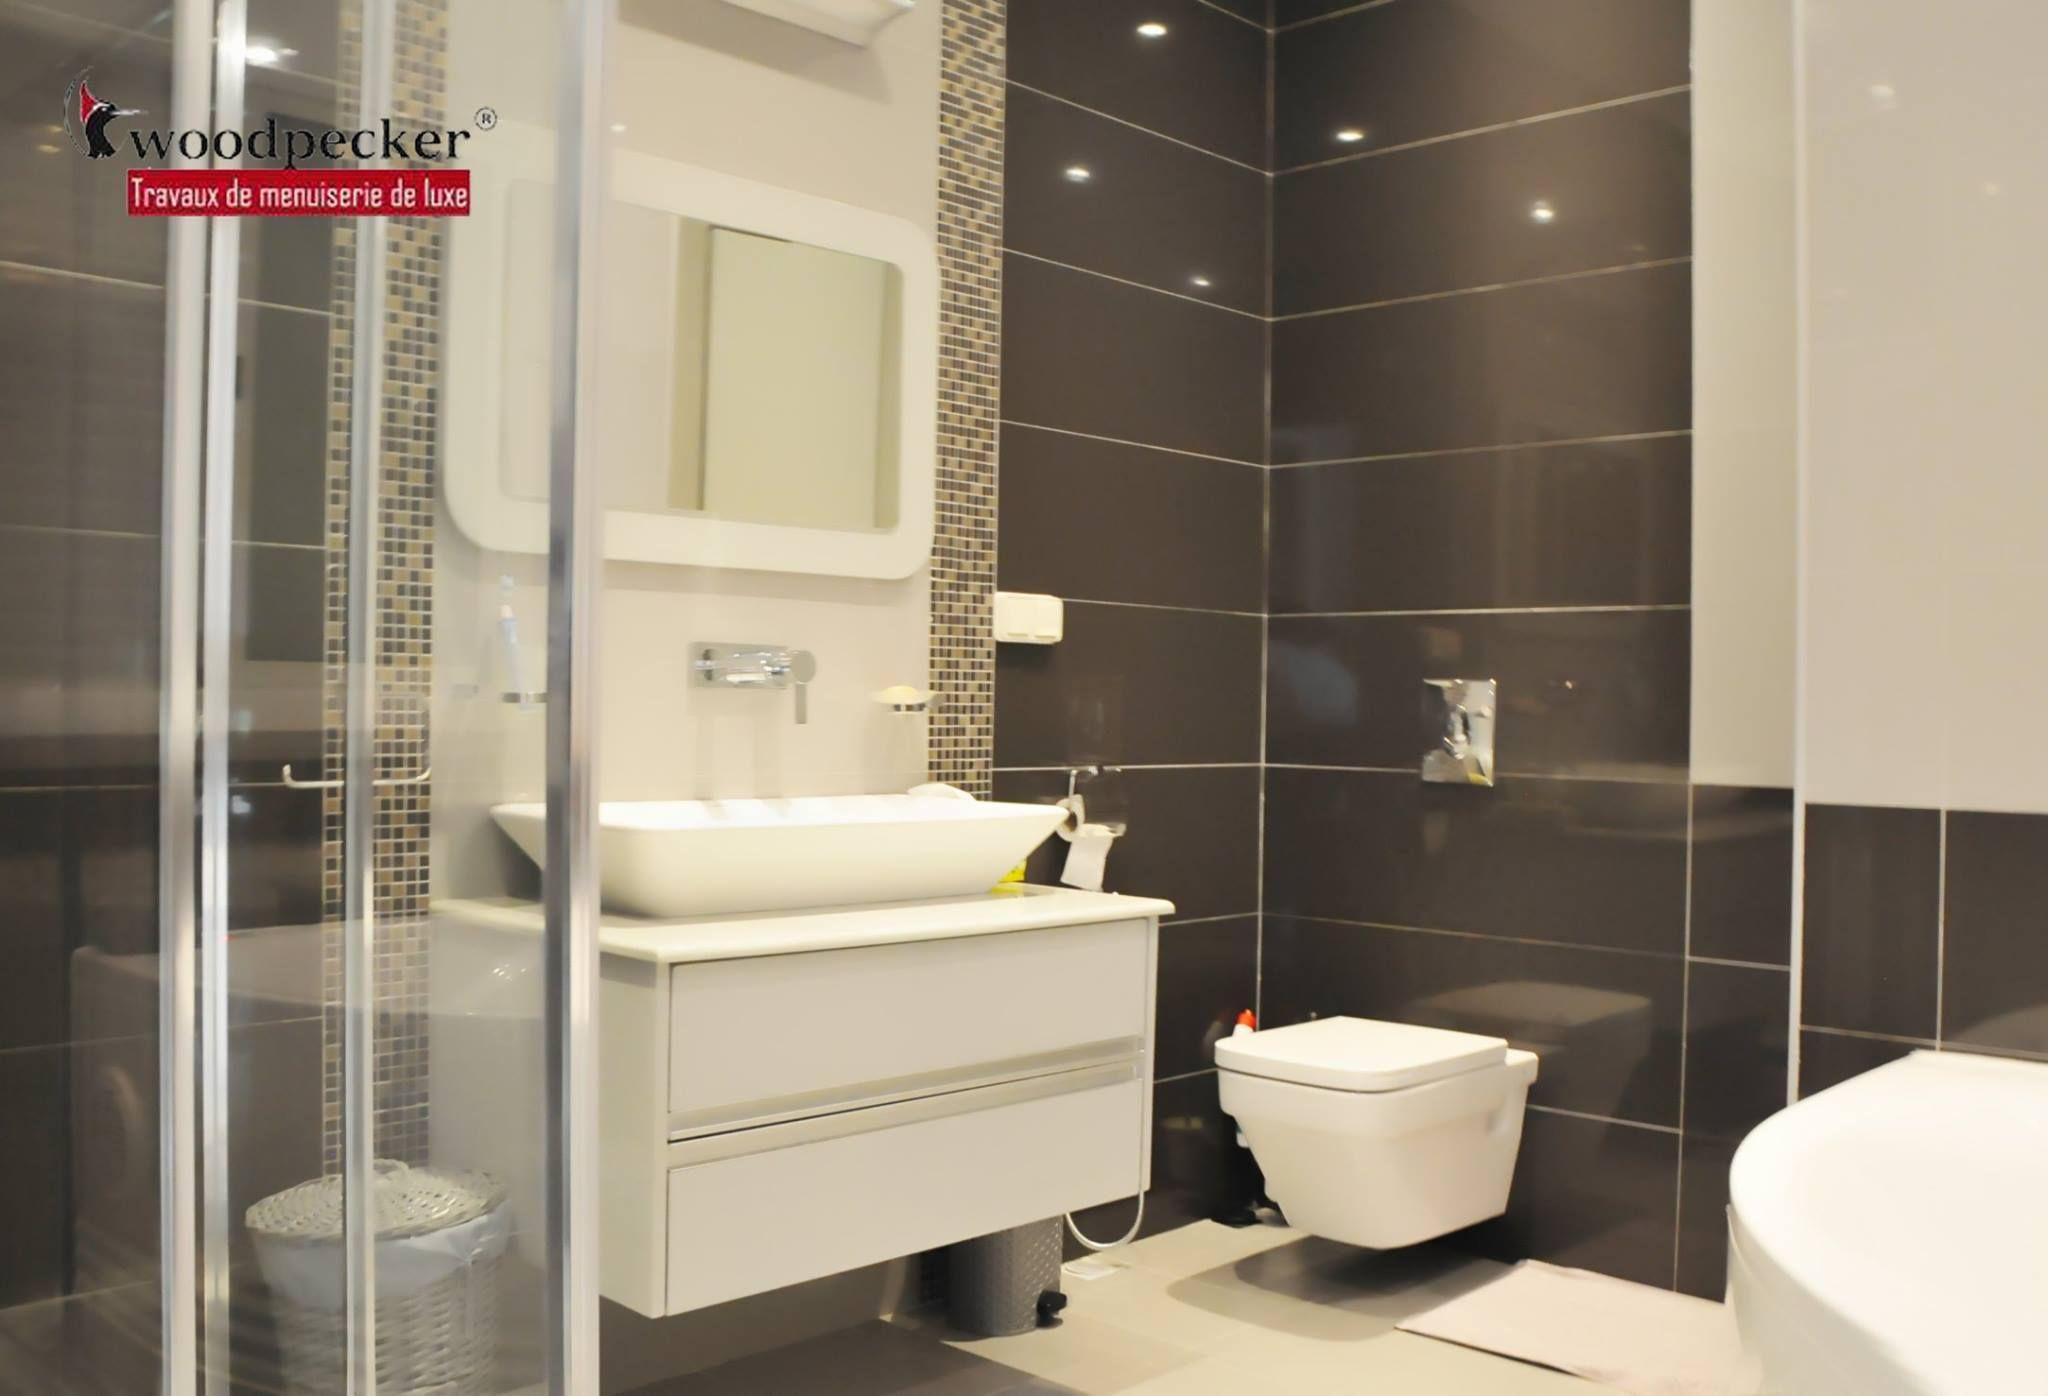 Panneau Salle De Bain Maison A Vendre ~ Chez Woodpecker En Tunisie Retrouvez Une Large Gamme De Choix De